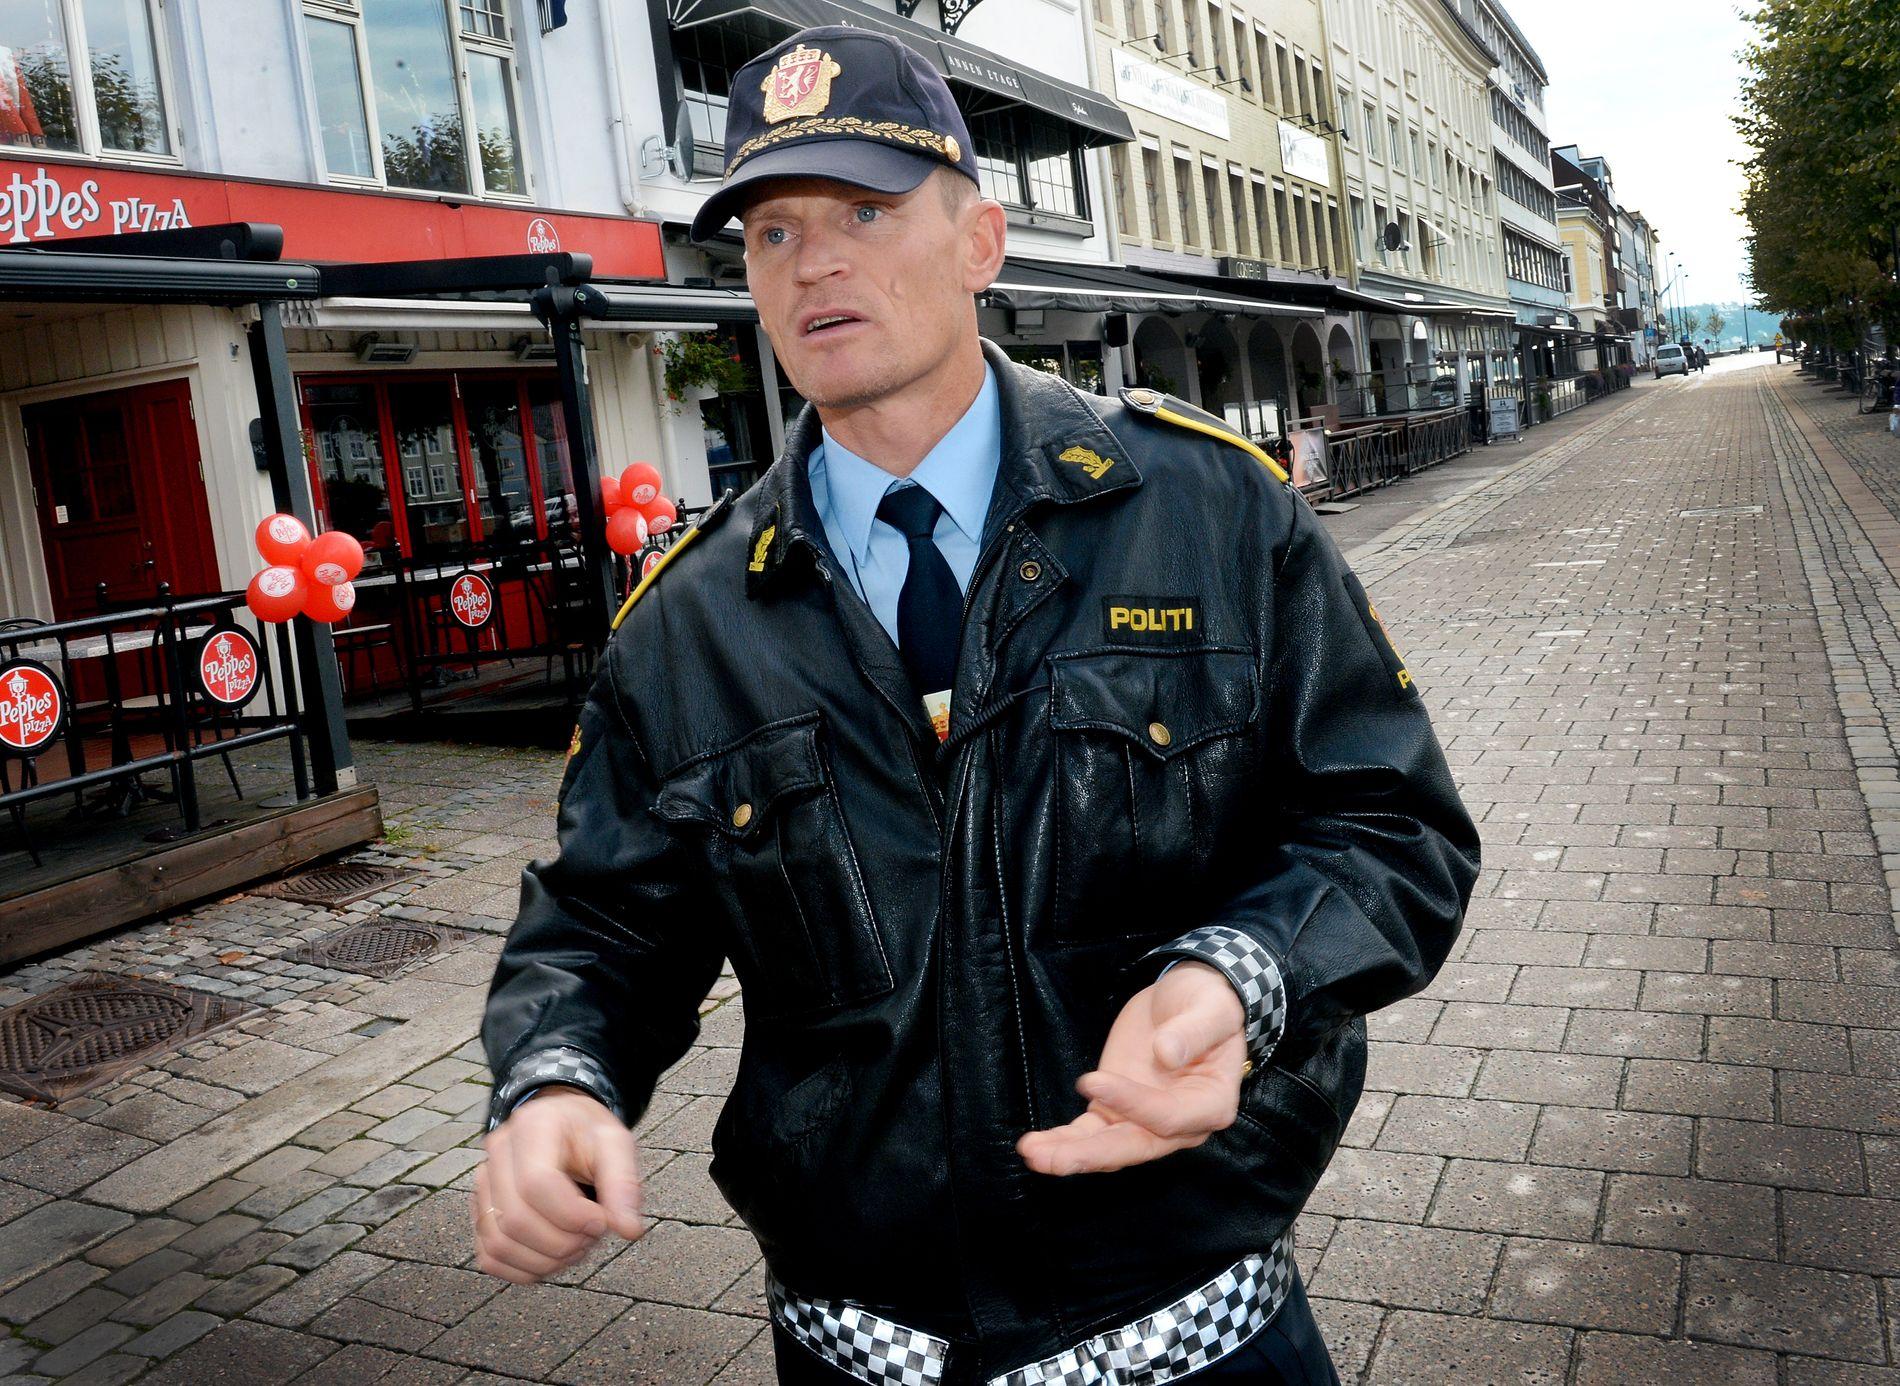 VIL MØTES: Foreldrenettverk er uvurderlig for å kunne støtte barn og ungdom, mener politileder Torbjørn Trommestad.